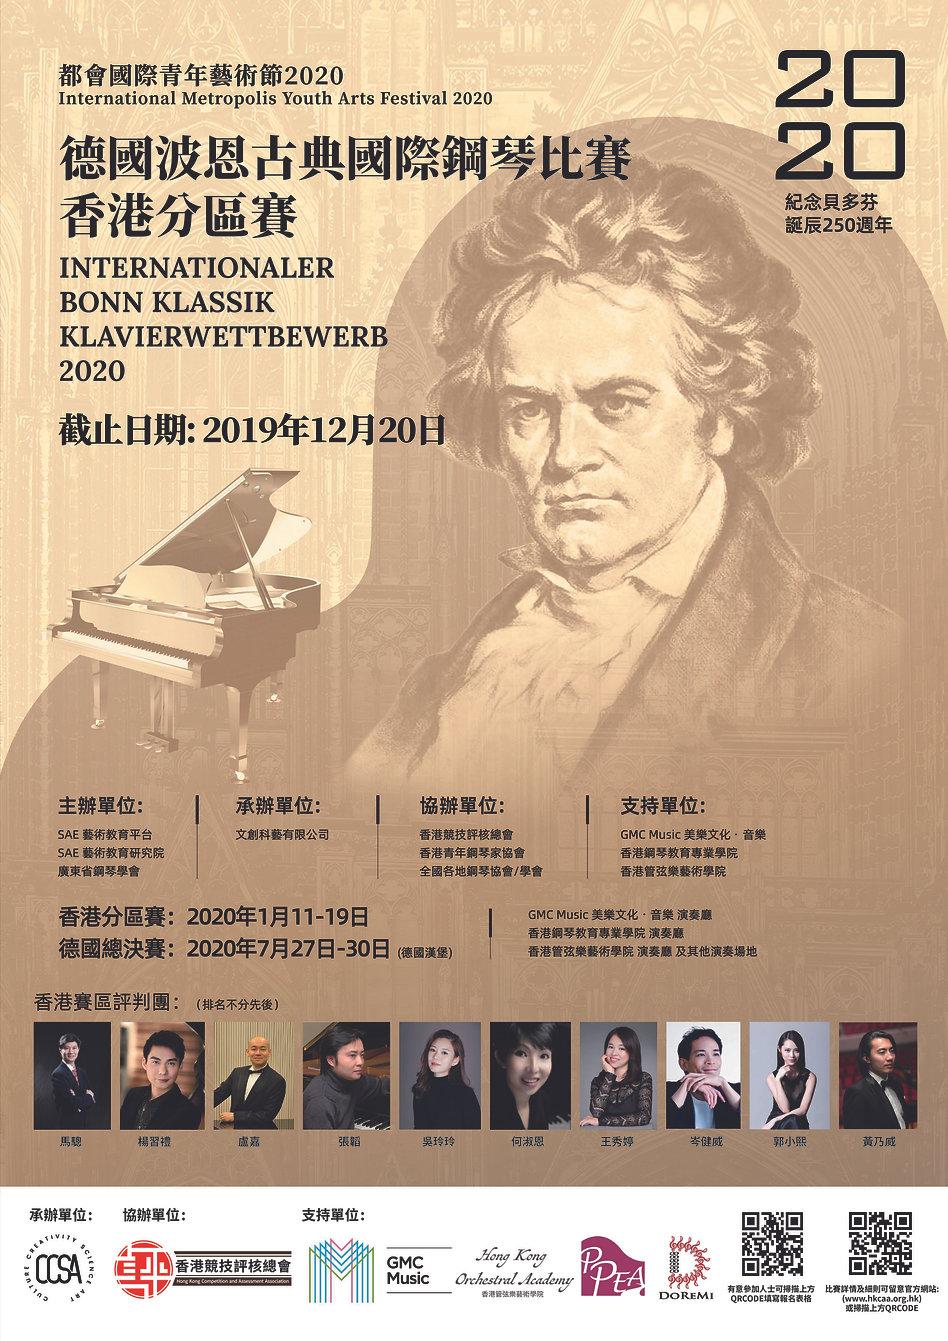 德國波恩古典國際鋼琴比賽海報5_REVISED-01.jpg